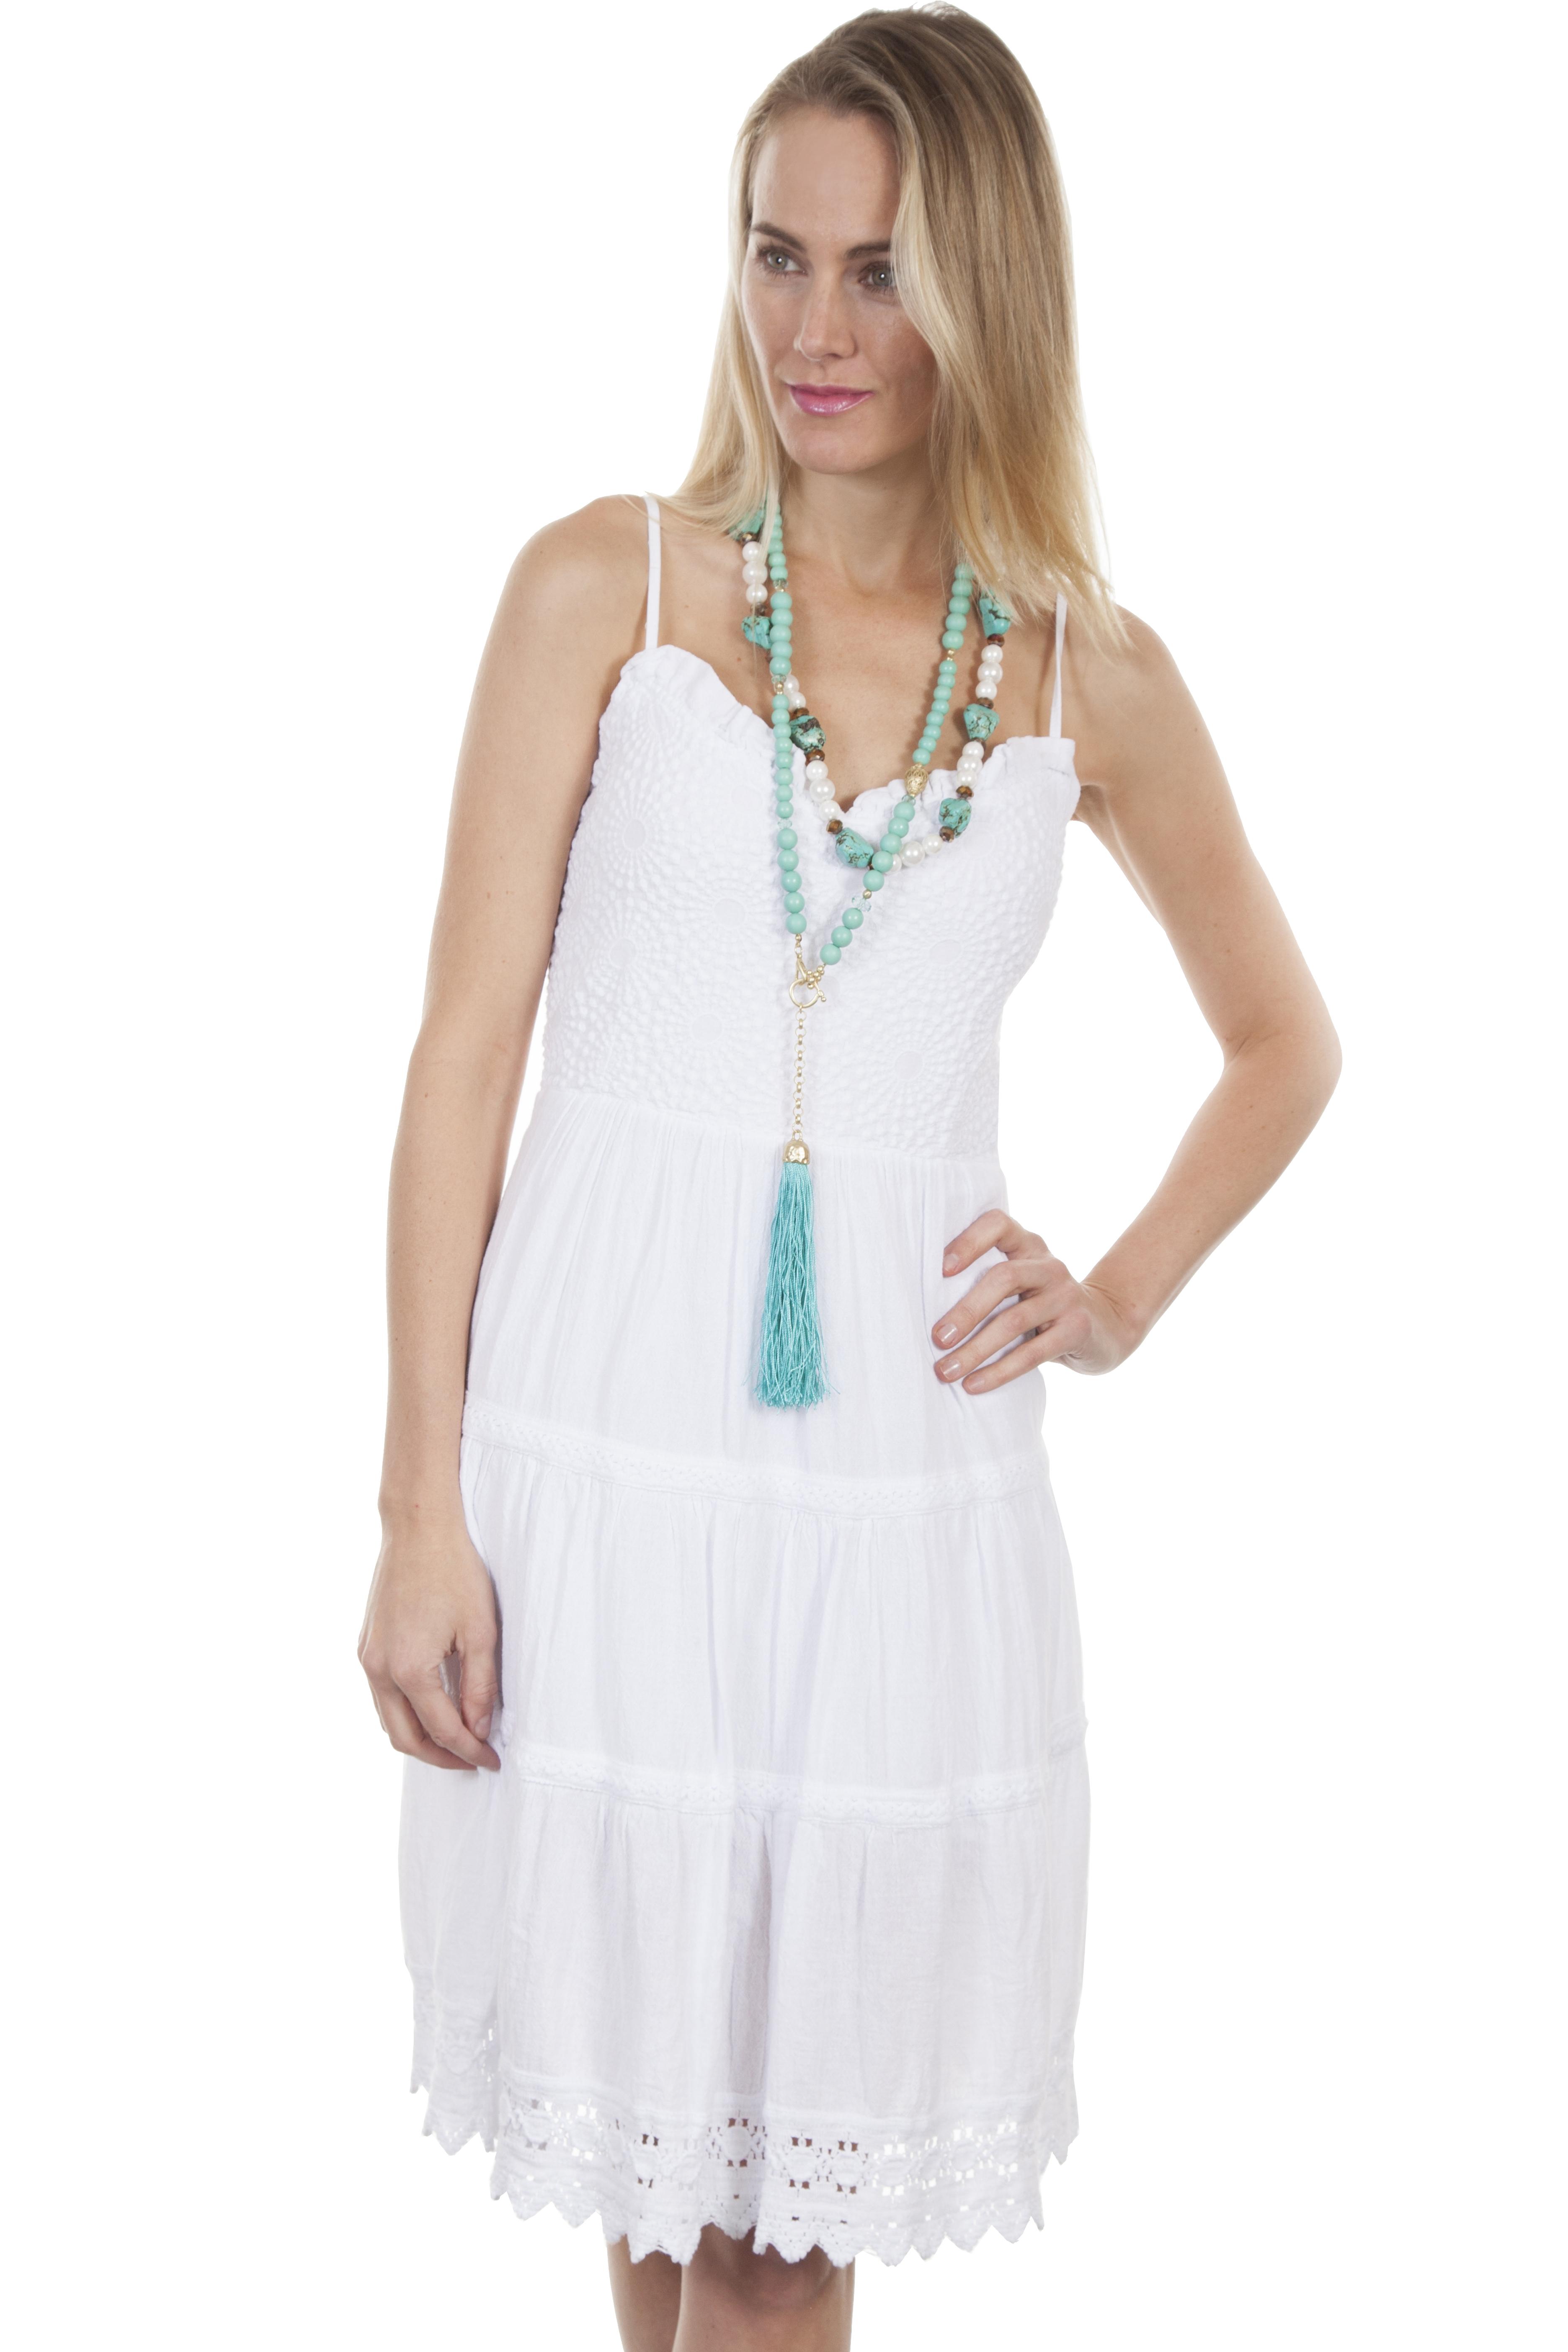 100% peruvian cotton dress